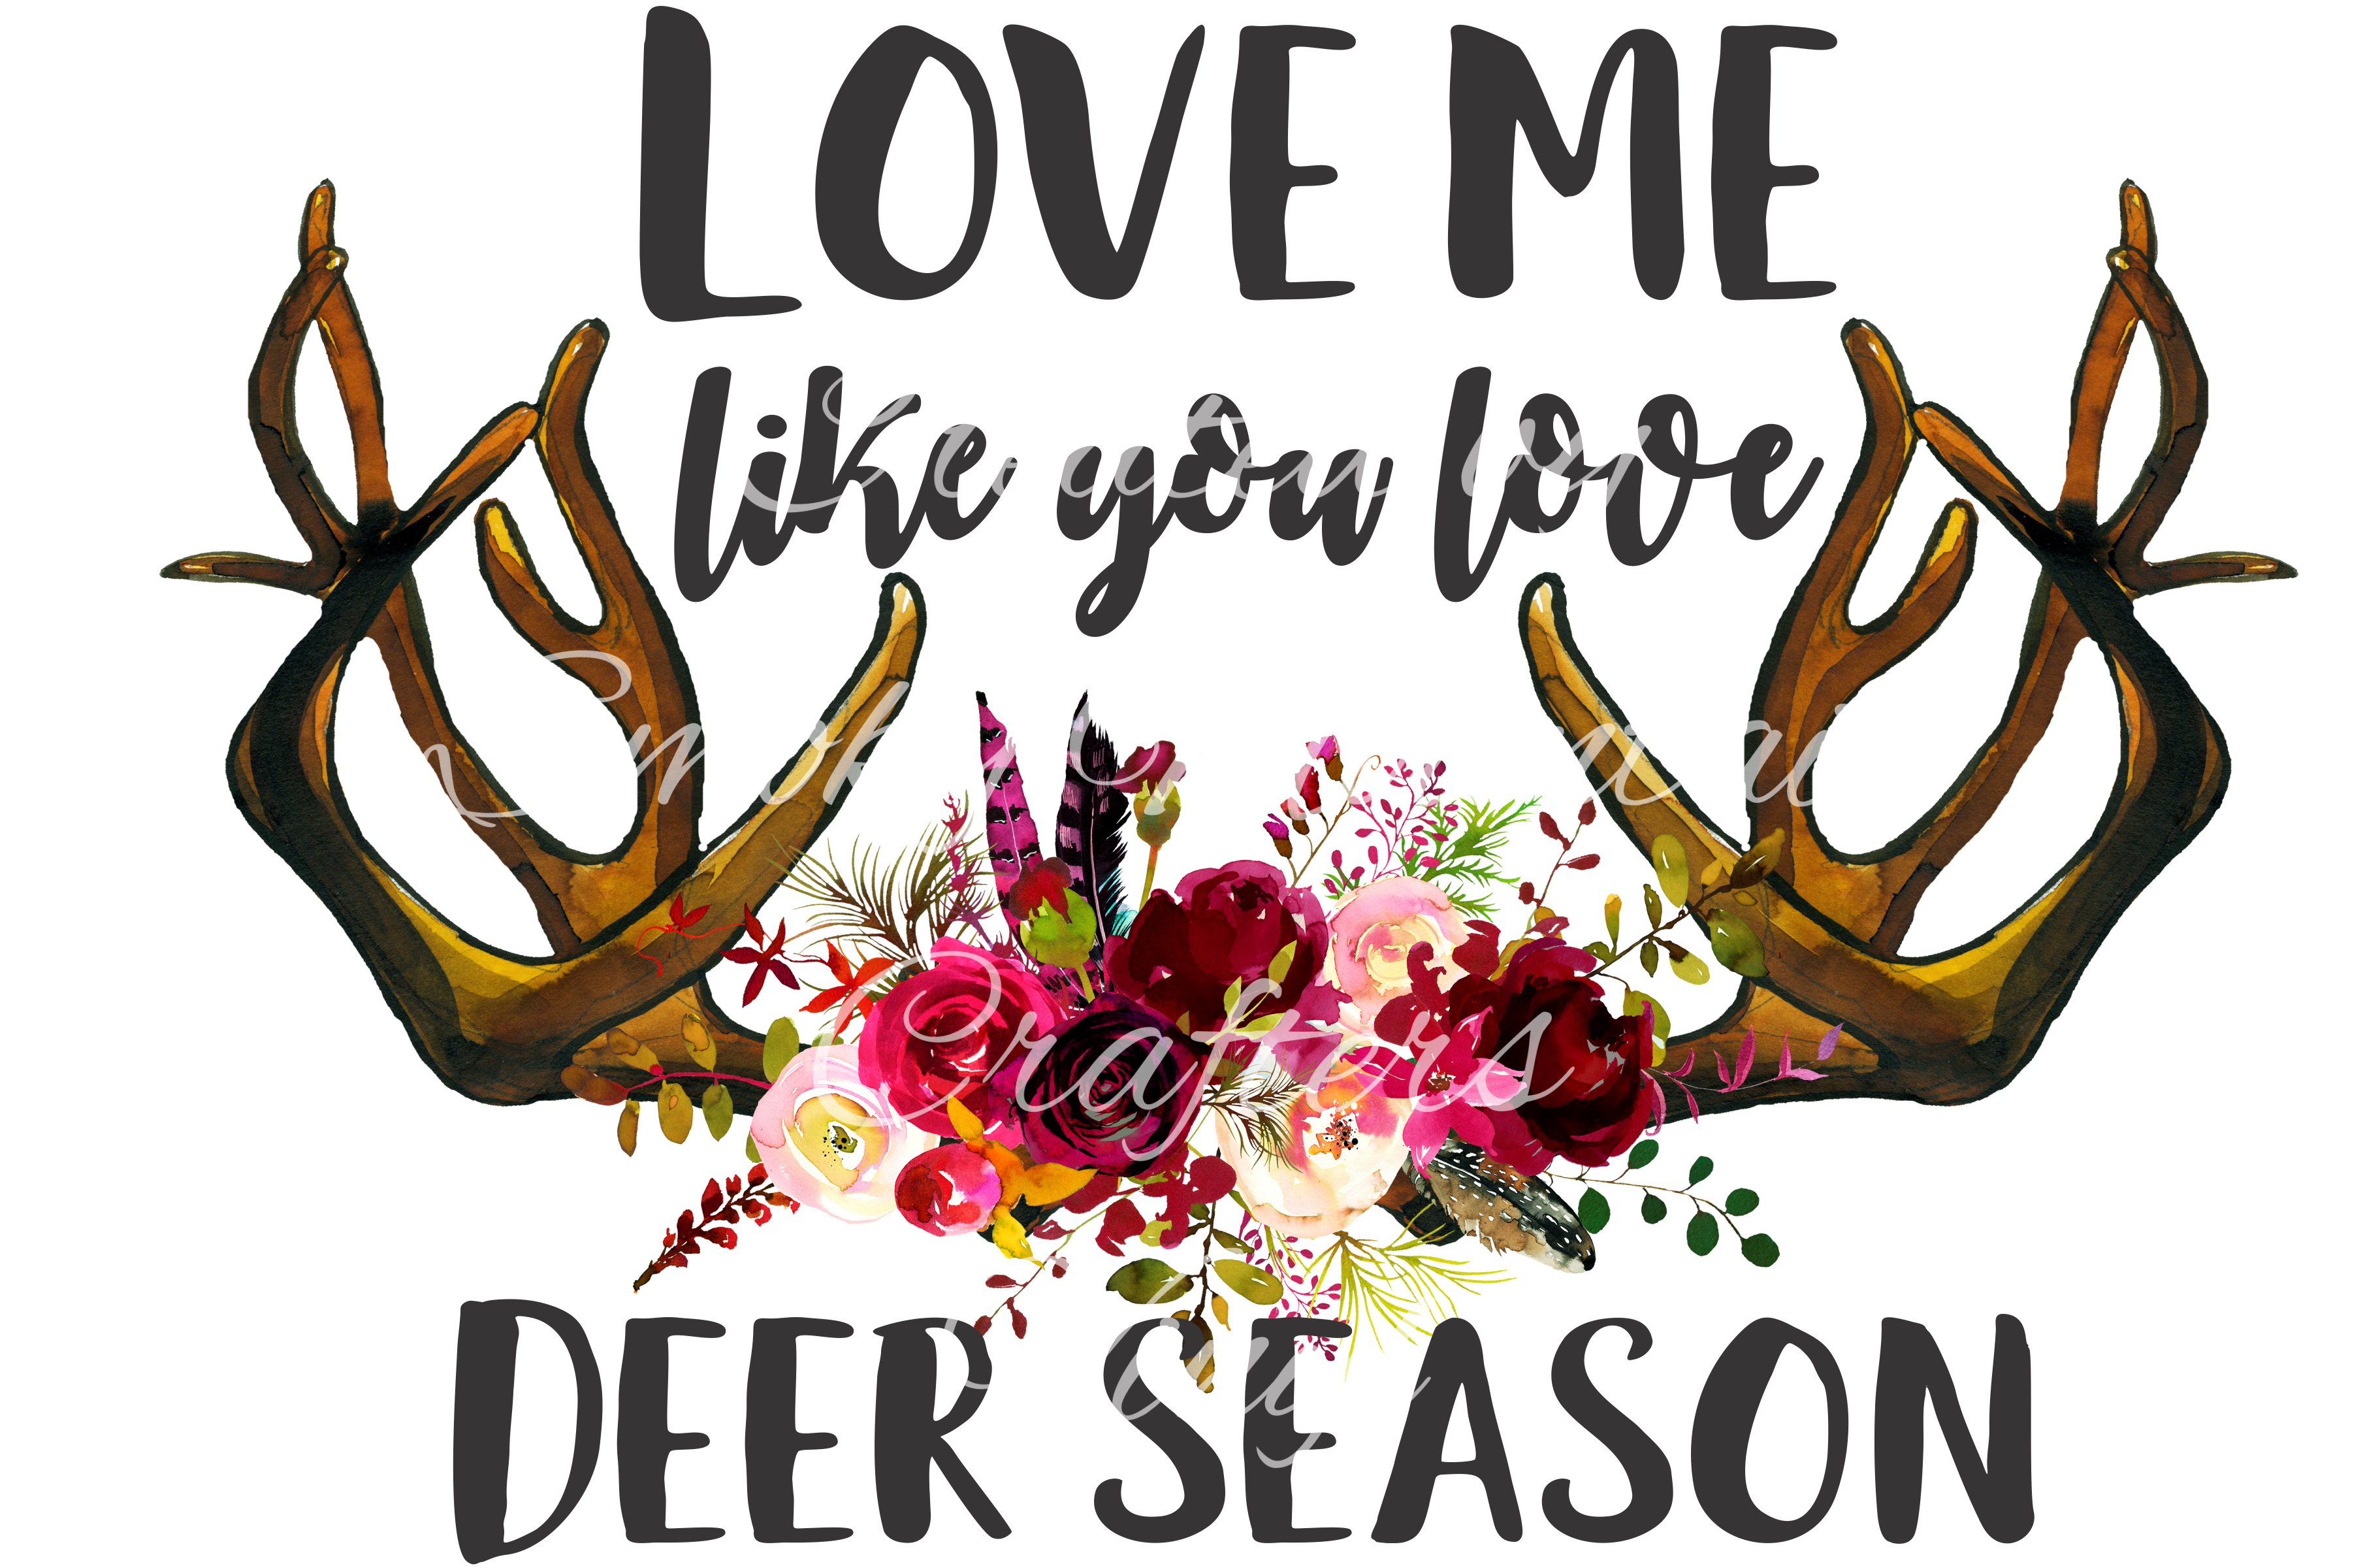 Download Love Me LIke You Love Deer Season, PNG, Sublimation Design ...